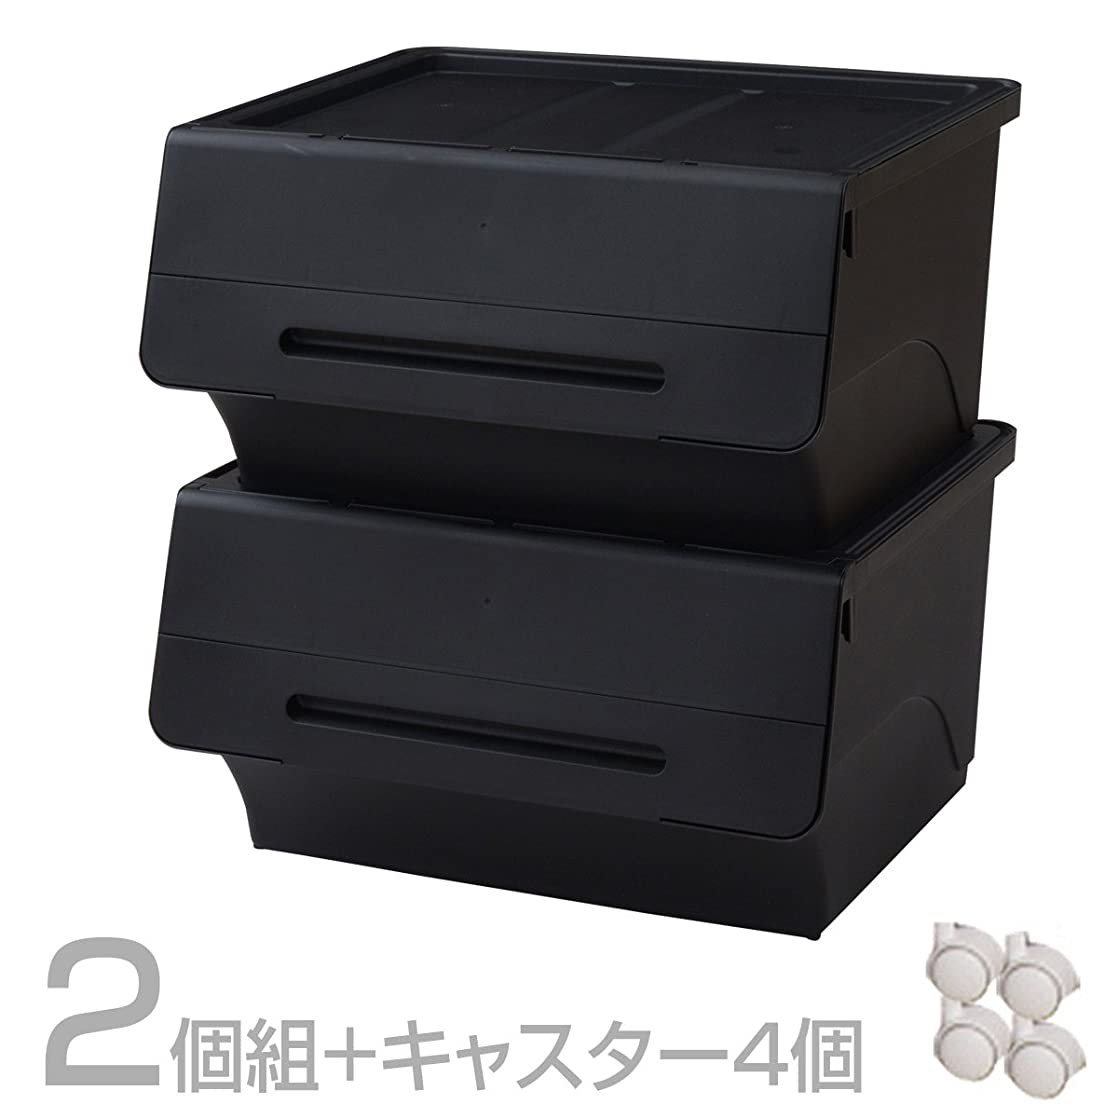 配列モスク優しさ山善(YAMAZEN) オープンボックス フタ付き収納ボックス 2個組 深型 ワイド キャスター付き ブラック